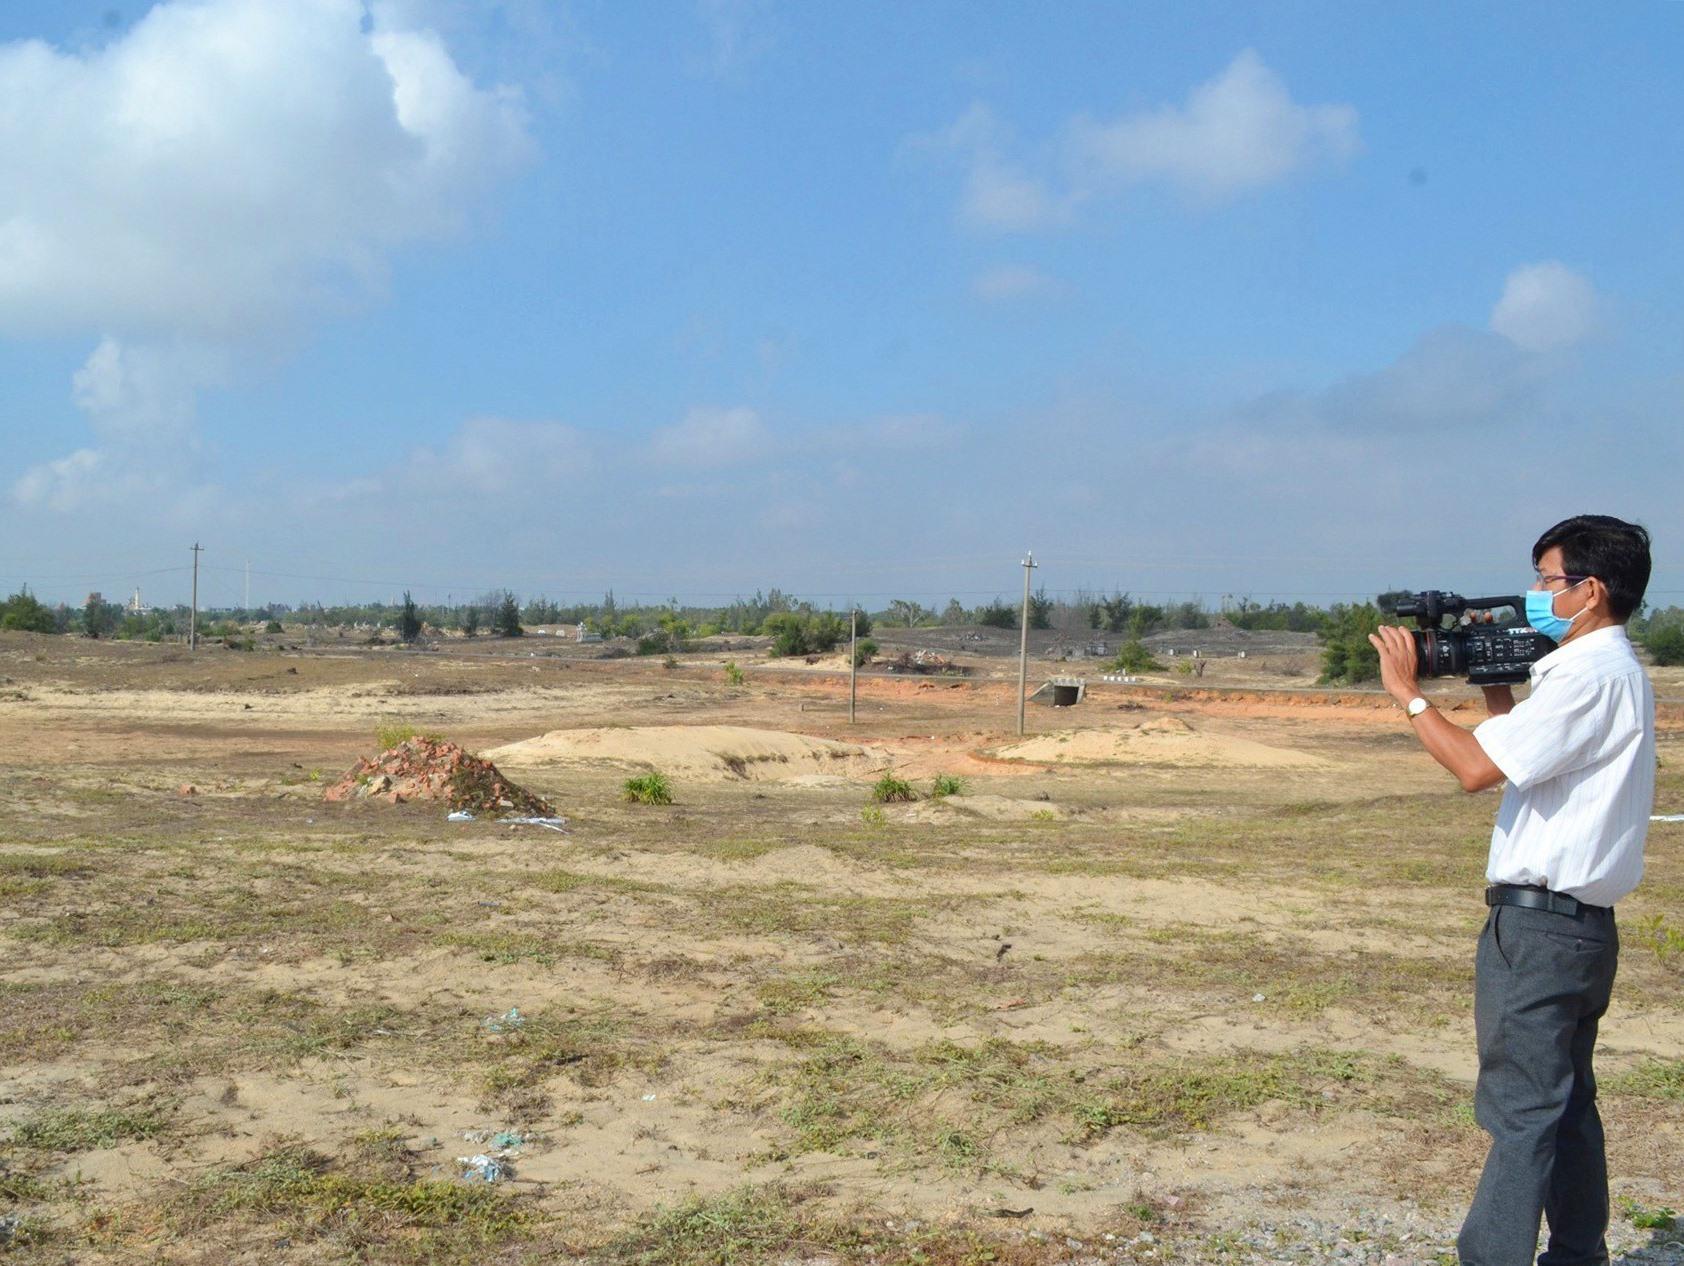 Khu dịch vụ nghỉ dưỡng Bình Dương (huyện Thăng Bình) của Công ty Cp Đạt Phương là dự án lớn quy mô diện tích 199ha nhưng chậm triển khai. Ảnh: Q.V